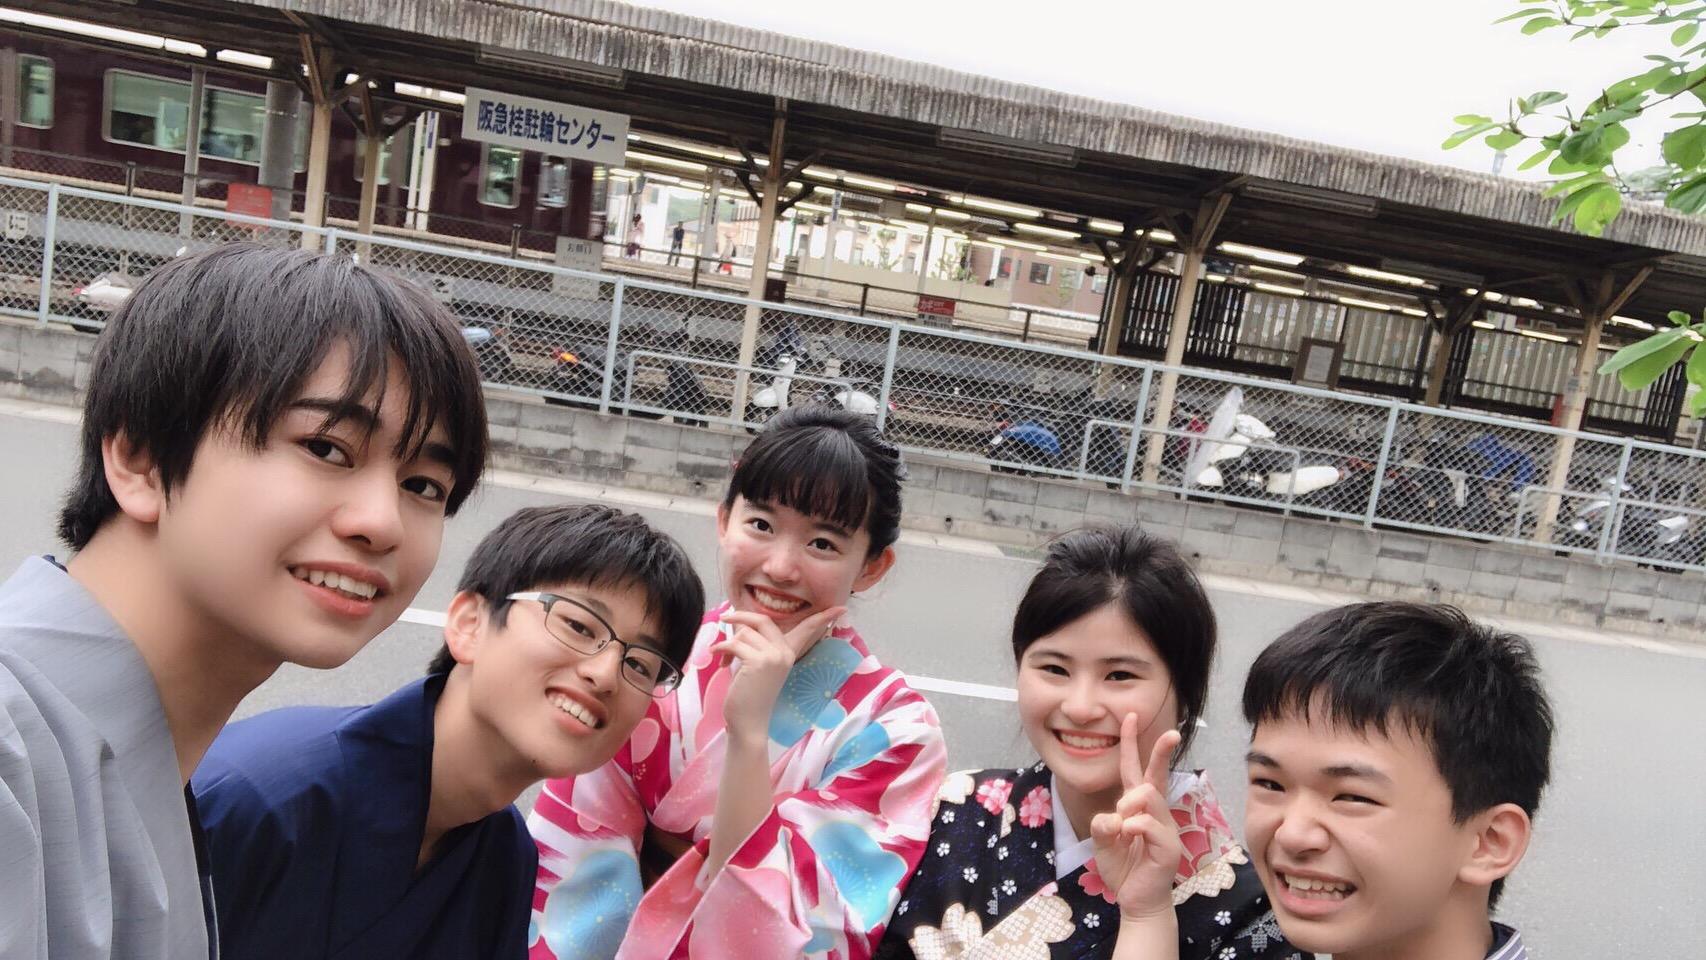 高校生の遠足♪みんなで着物体験2019年4月24日2